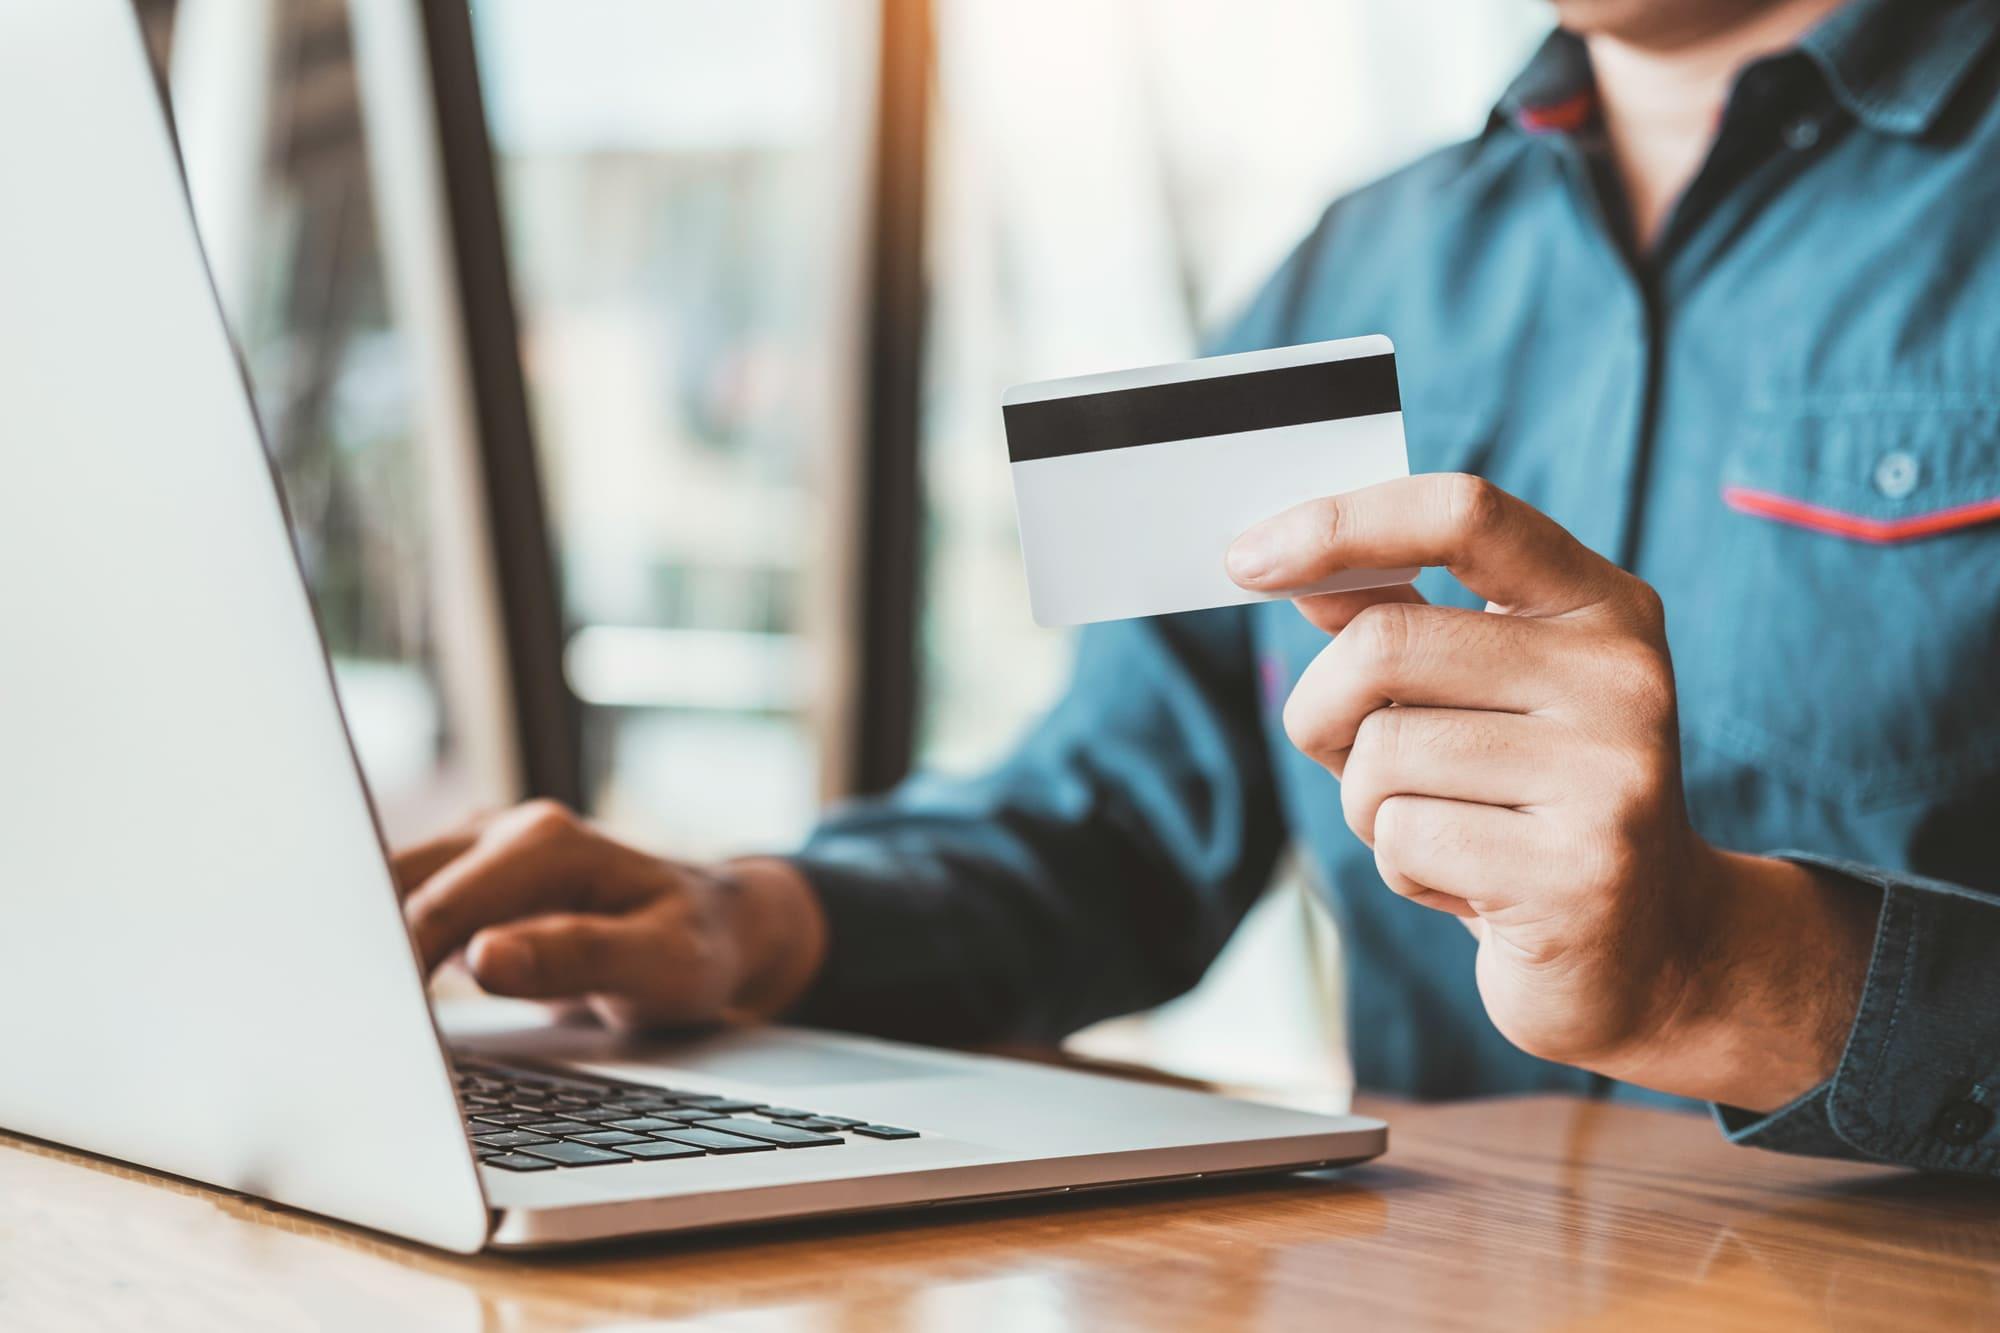 法人カードでビジネスシーンも充実!役立つ法人カード4選